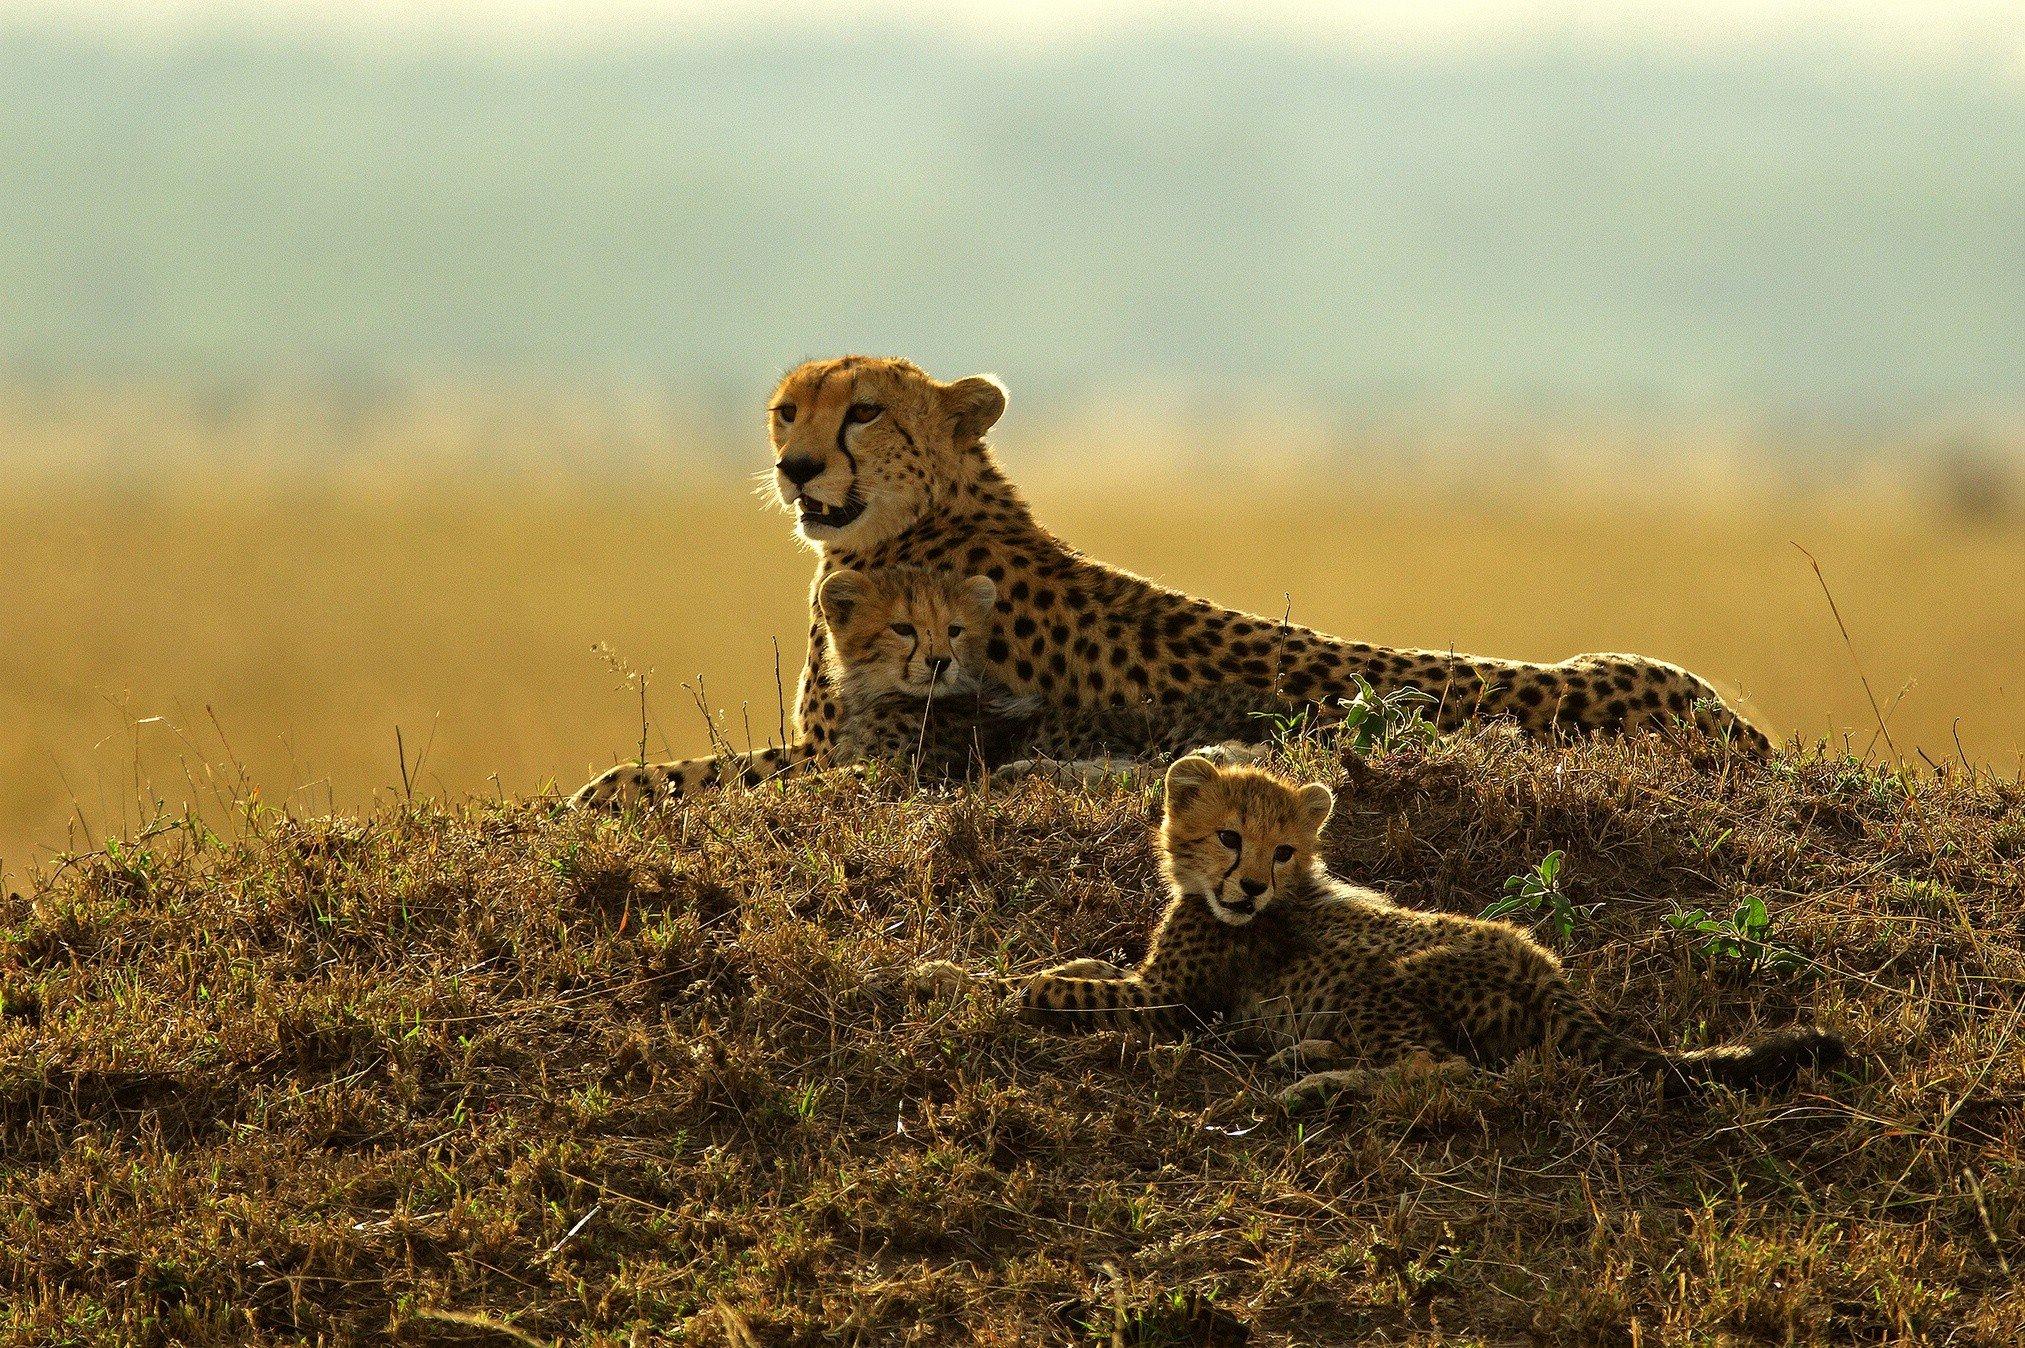 Animals, Mammals, Feline, Cheetahs Hd Wallpapers  Desktop -3465